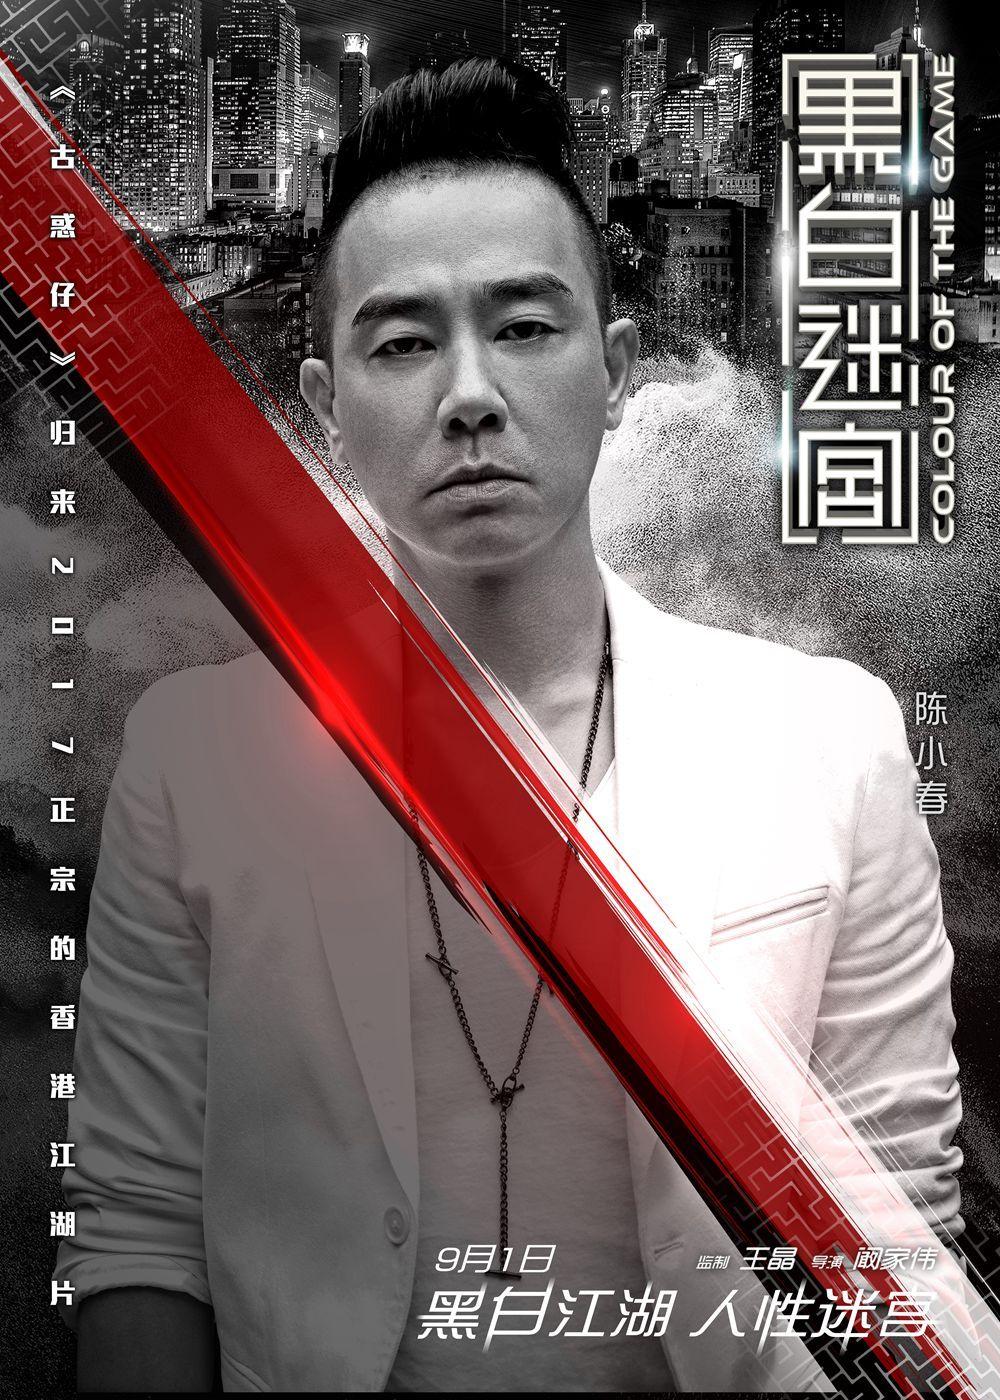 黑白迷宫》发布人物海报 任达华陈小春兄弟开战